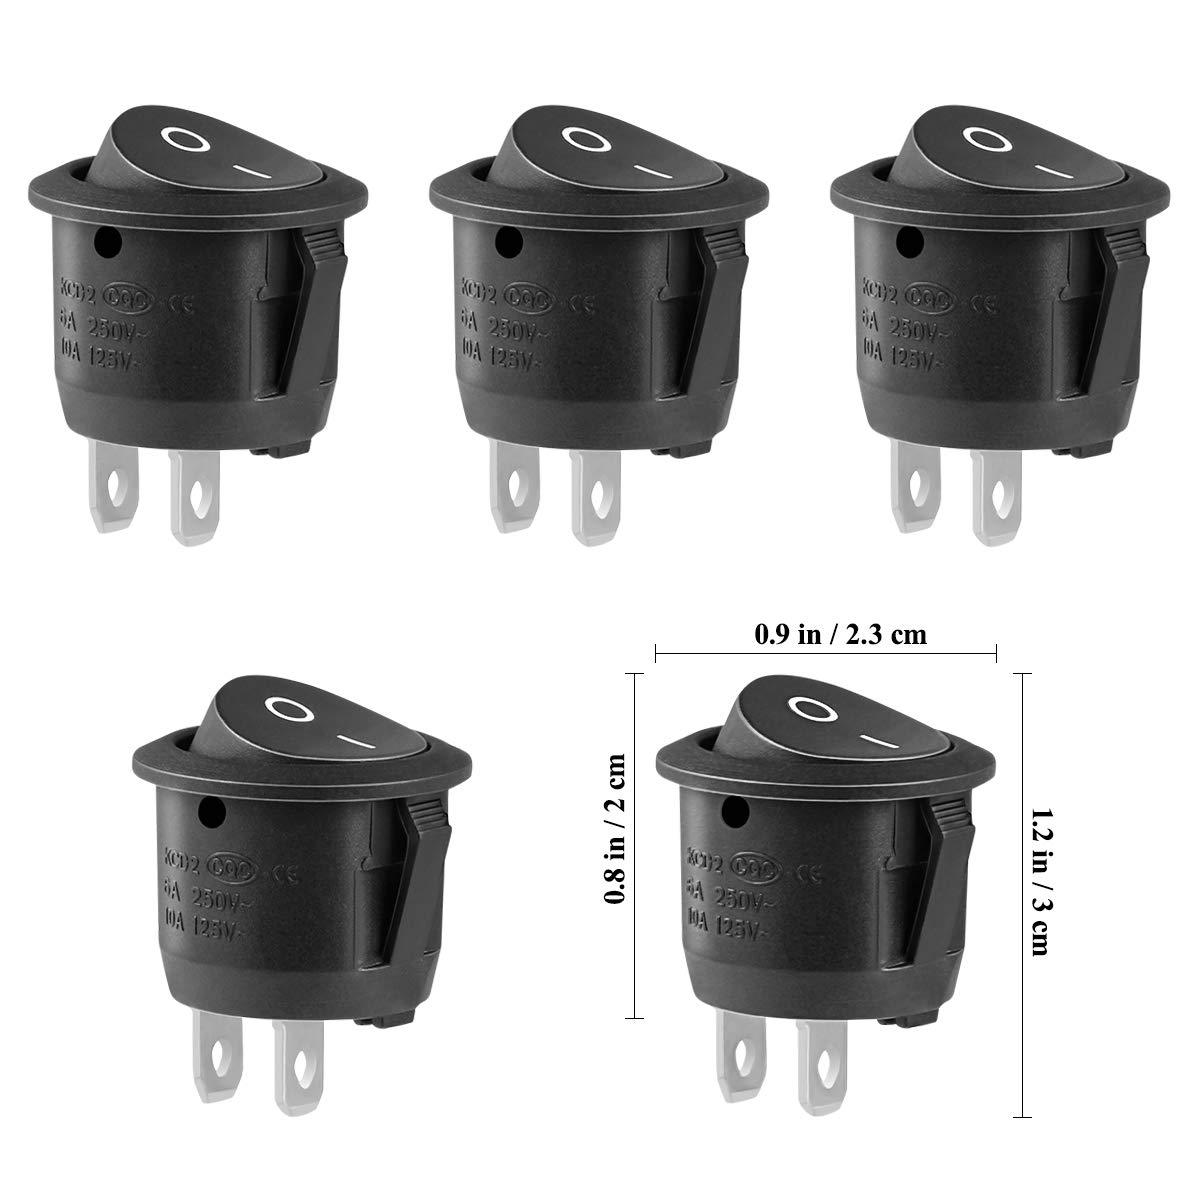 Paquete de 5/interruptores Winomo para coche para botes y camiones Sedan 10/A y 125/V o 6/A y 250/V con 2/pines redondos y a presi/ón